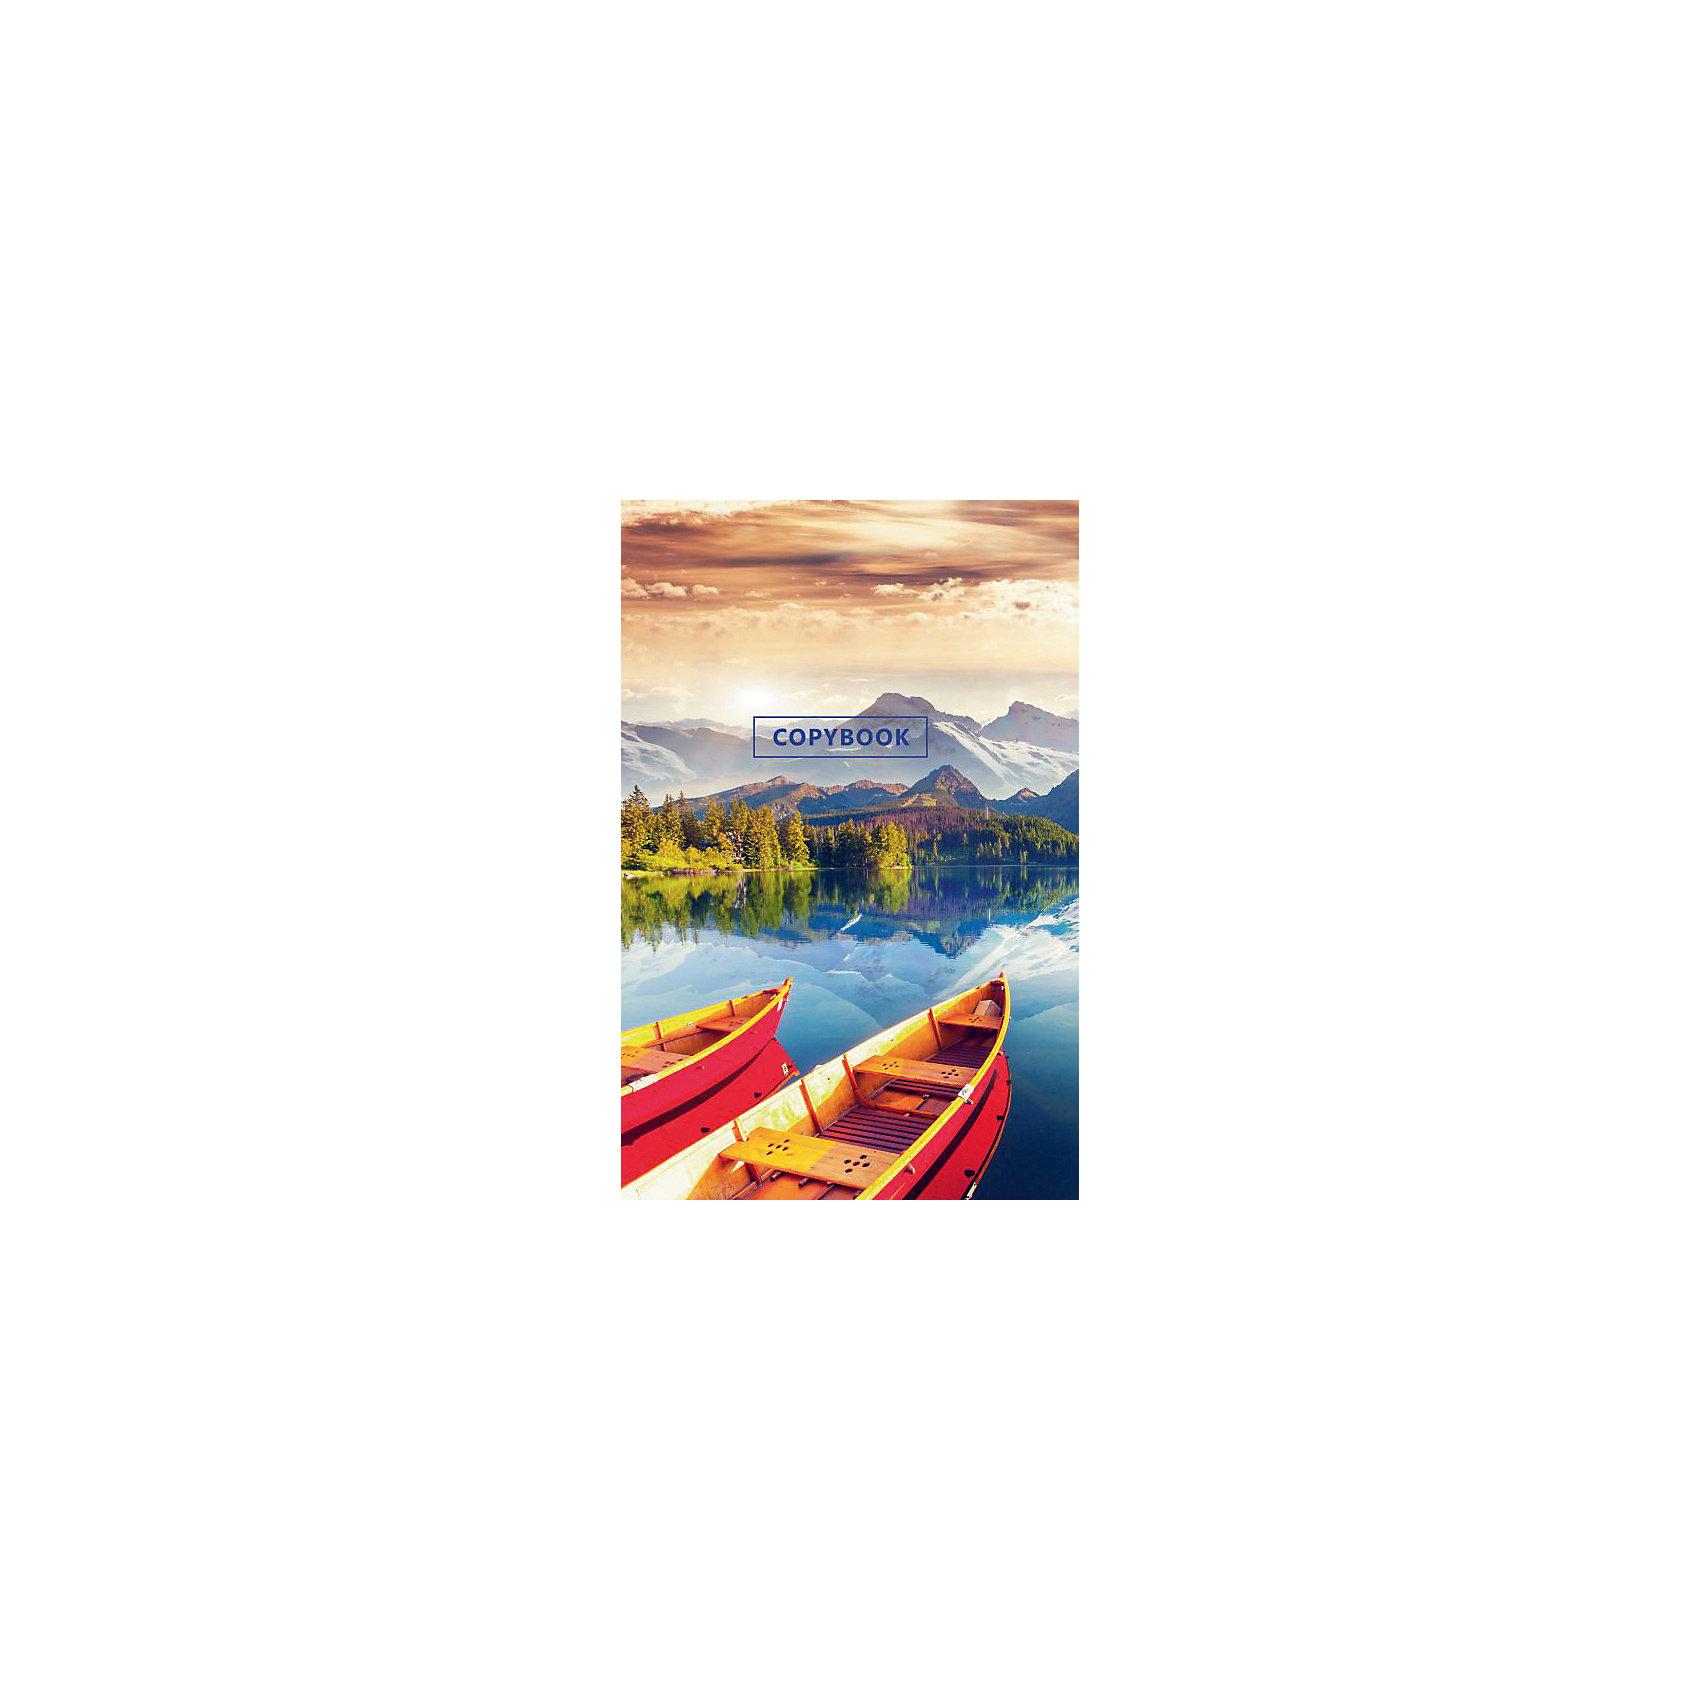 Тетрадь 96 листов Горное озеро Феникс+,Бумажная продукция<br>Тетрадь 96 л. ГОРНОЕ ОЗЕРО /А4, переплет 7БЦ, 192 стр. Обложки полноцвет под глянц. пленкой, блок офсет в одну краску, клетка./<br><br>Ширина мм: 300<br>Глубина мм: 200<br>Высота мм: 10<br>Вес г: 530<br>Возраст от месяцев: 72<br>Возраст до месяцев: 2147483647<br>Пол: Унисекс<br>Возраст: Детский<br>SKU: 7046460